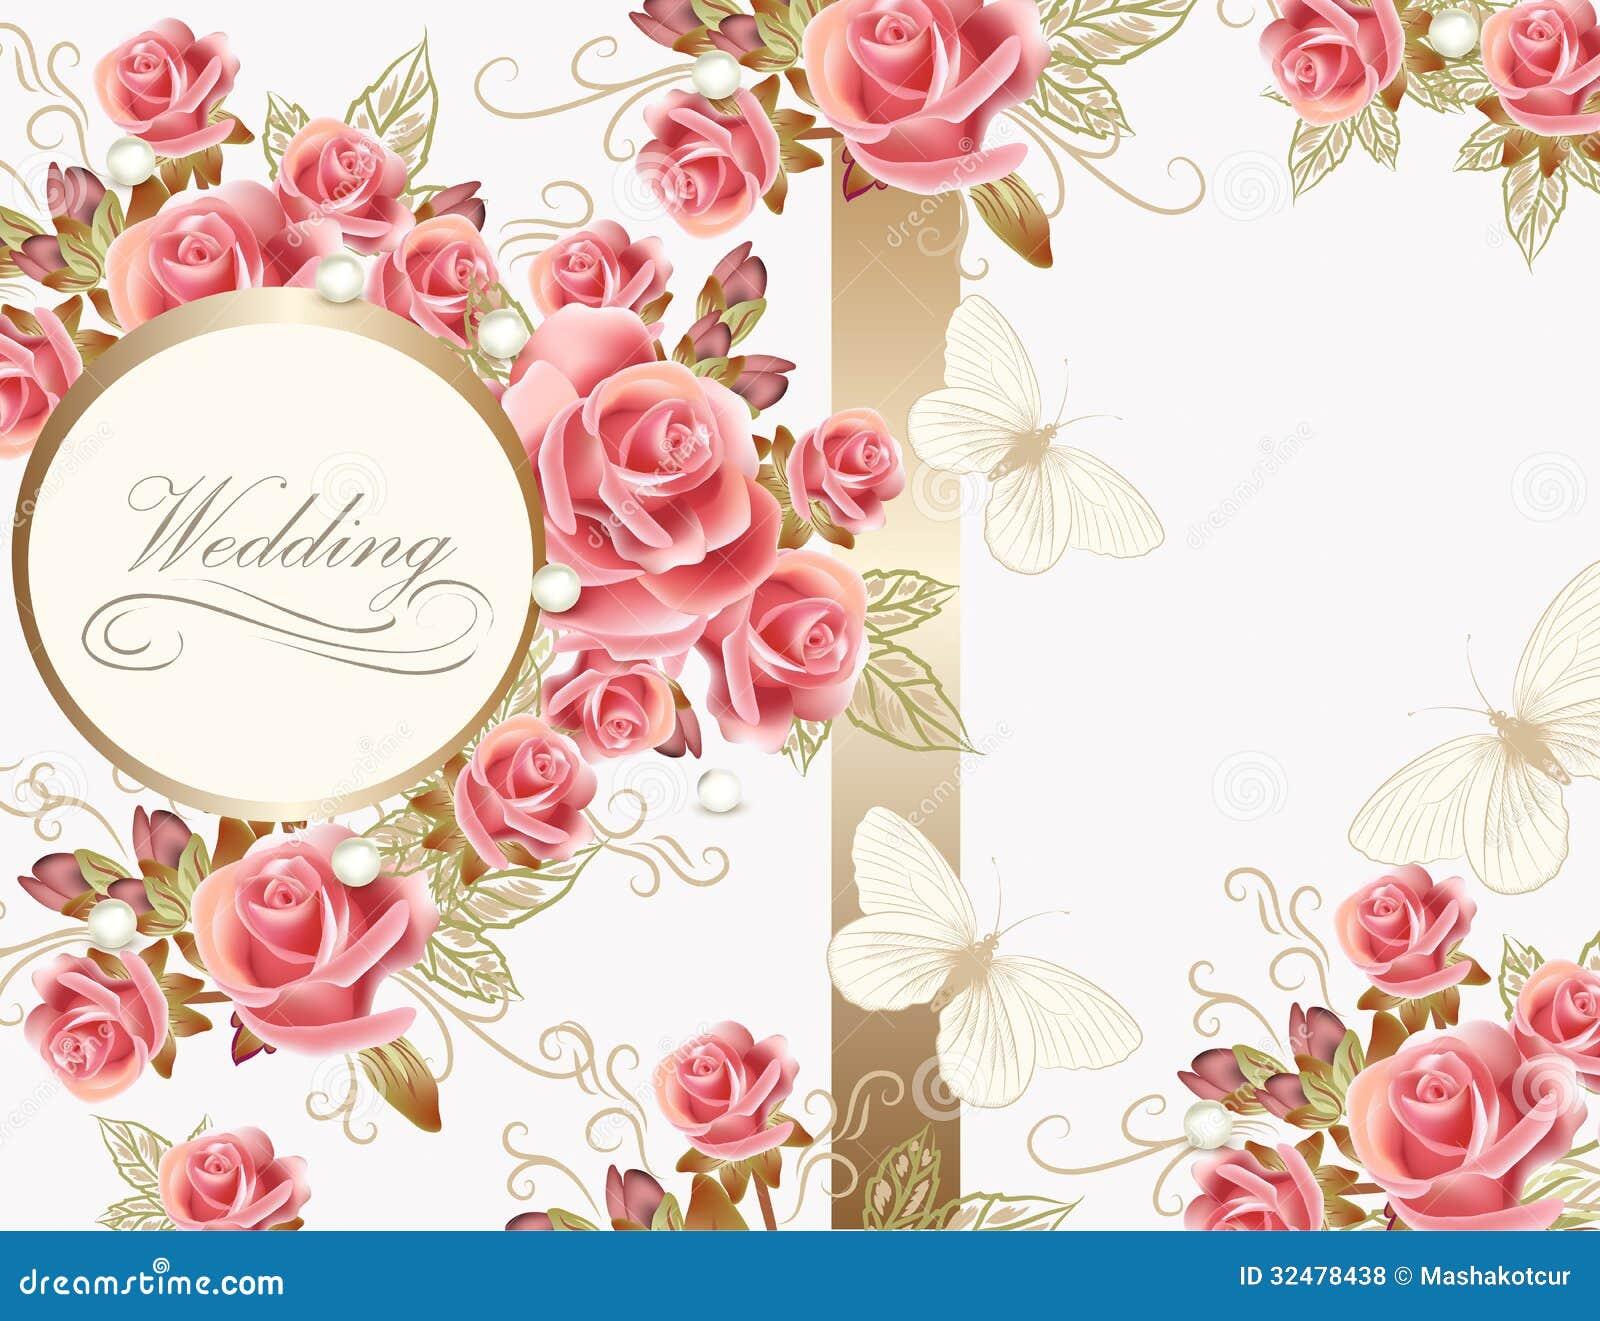 Diseño de la tarjeta de felicitación de la boda con las rosas